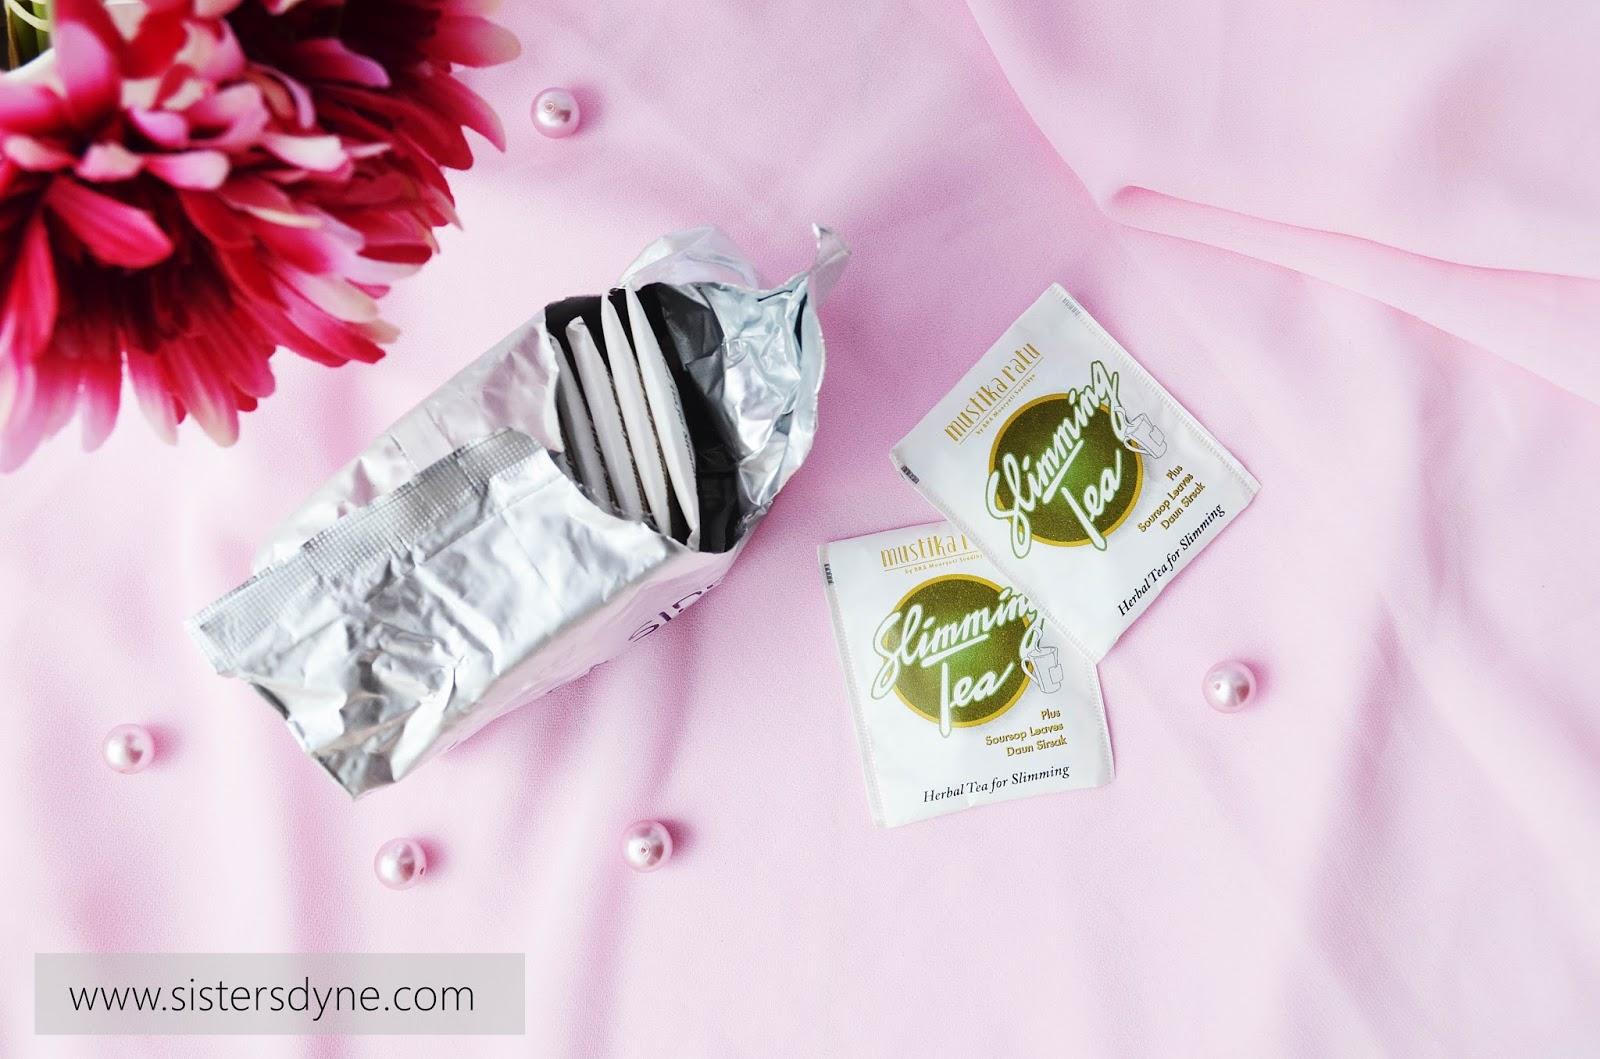 Manfaat Produk slimming herb tea Yang Harus Anda Ketahui